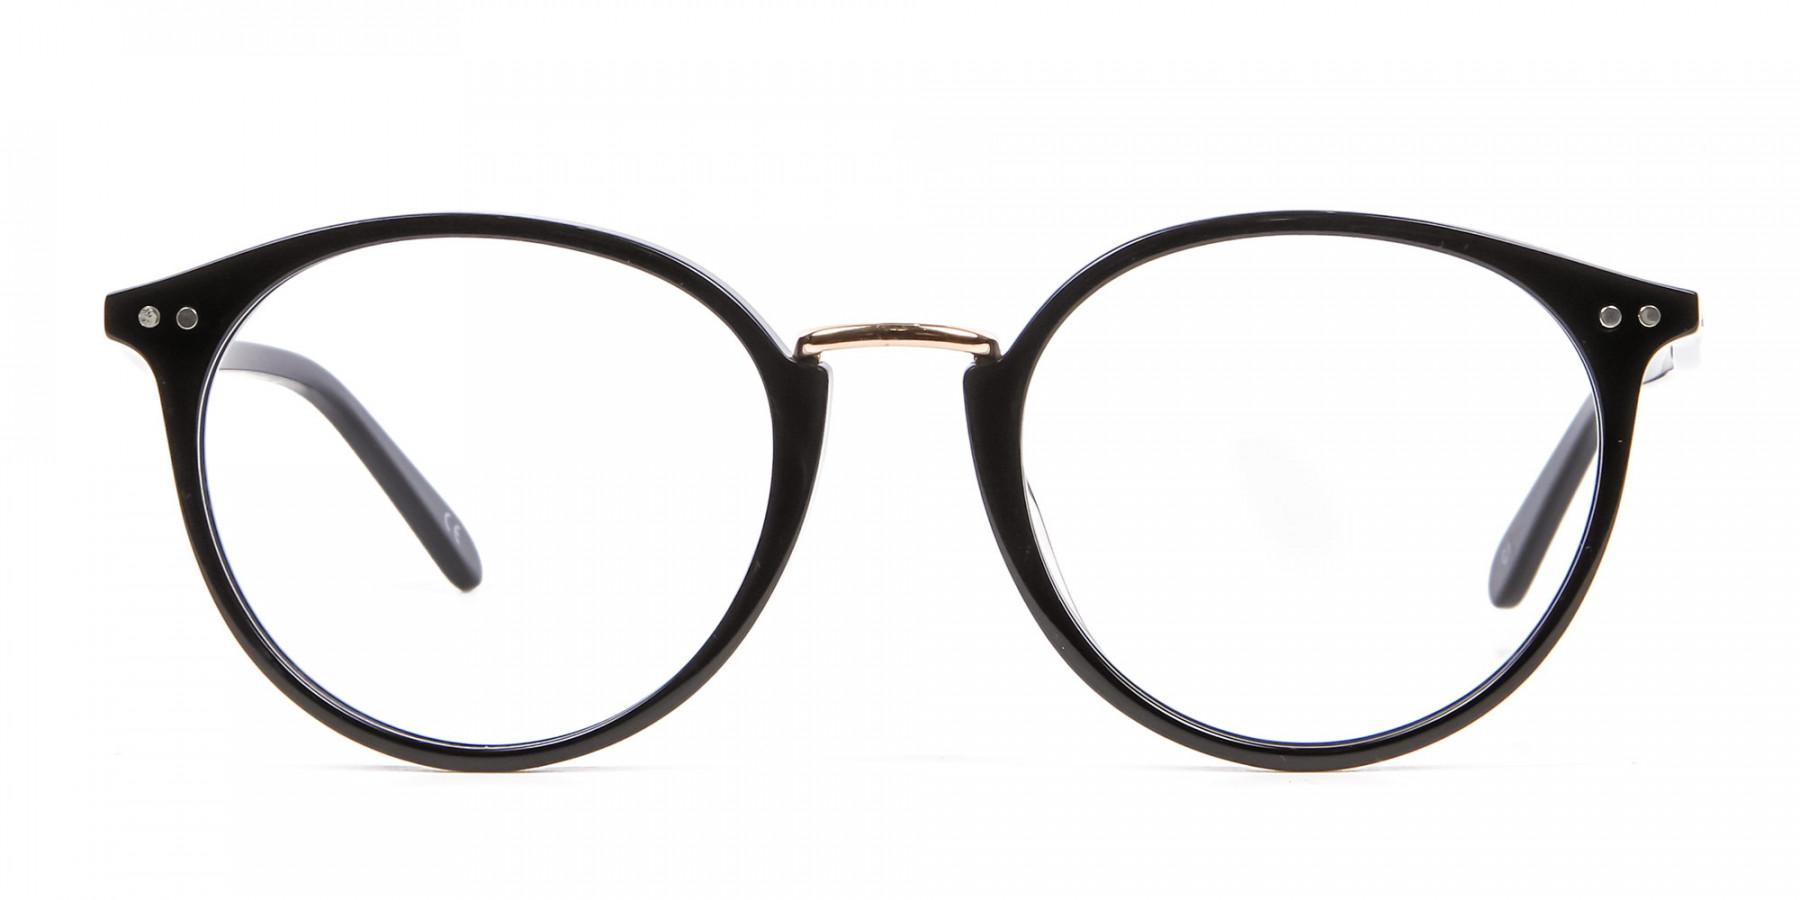 Round Glasses in Black